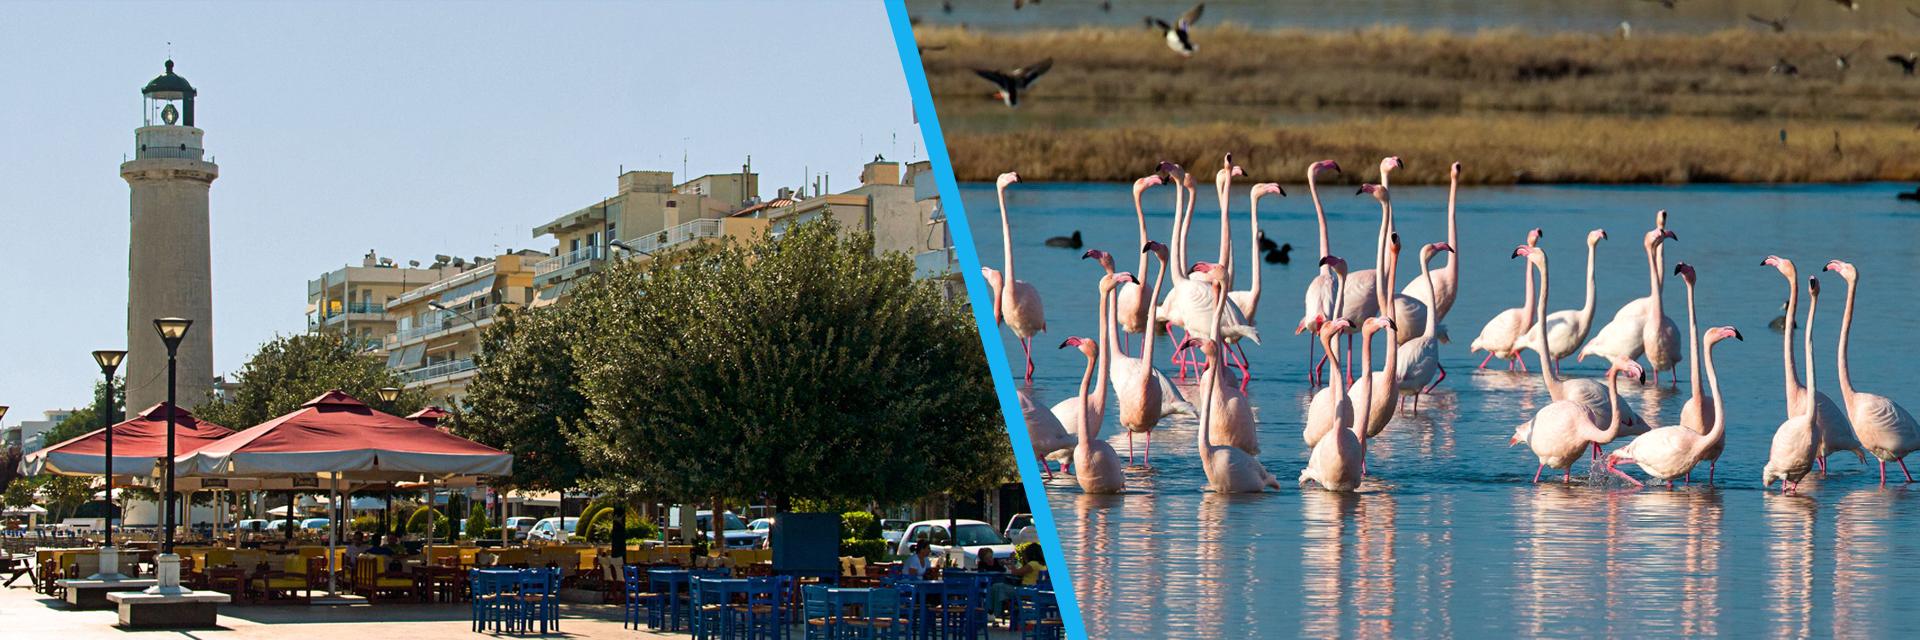 Evros-Tourism